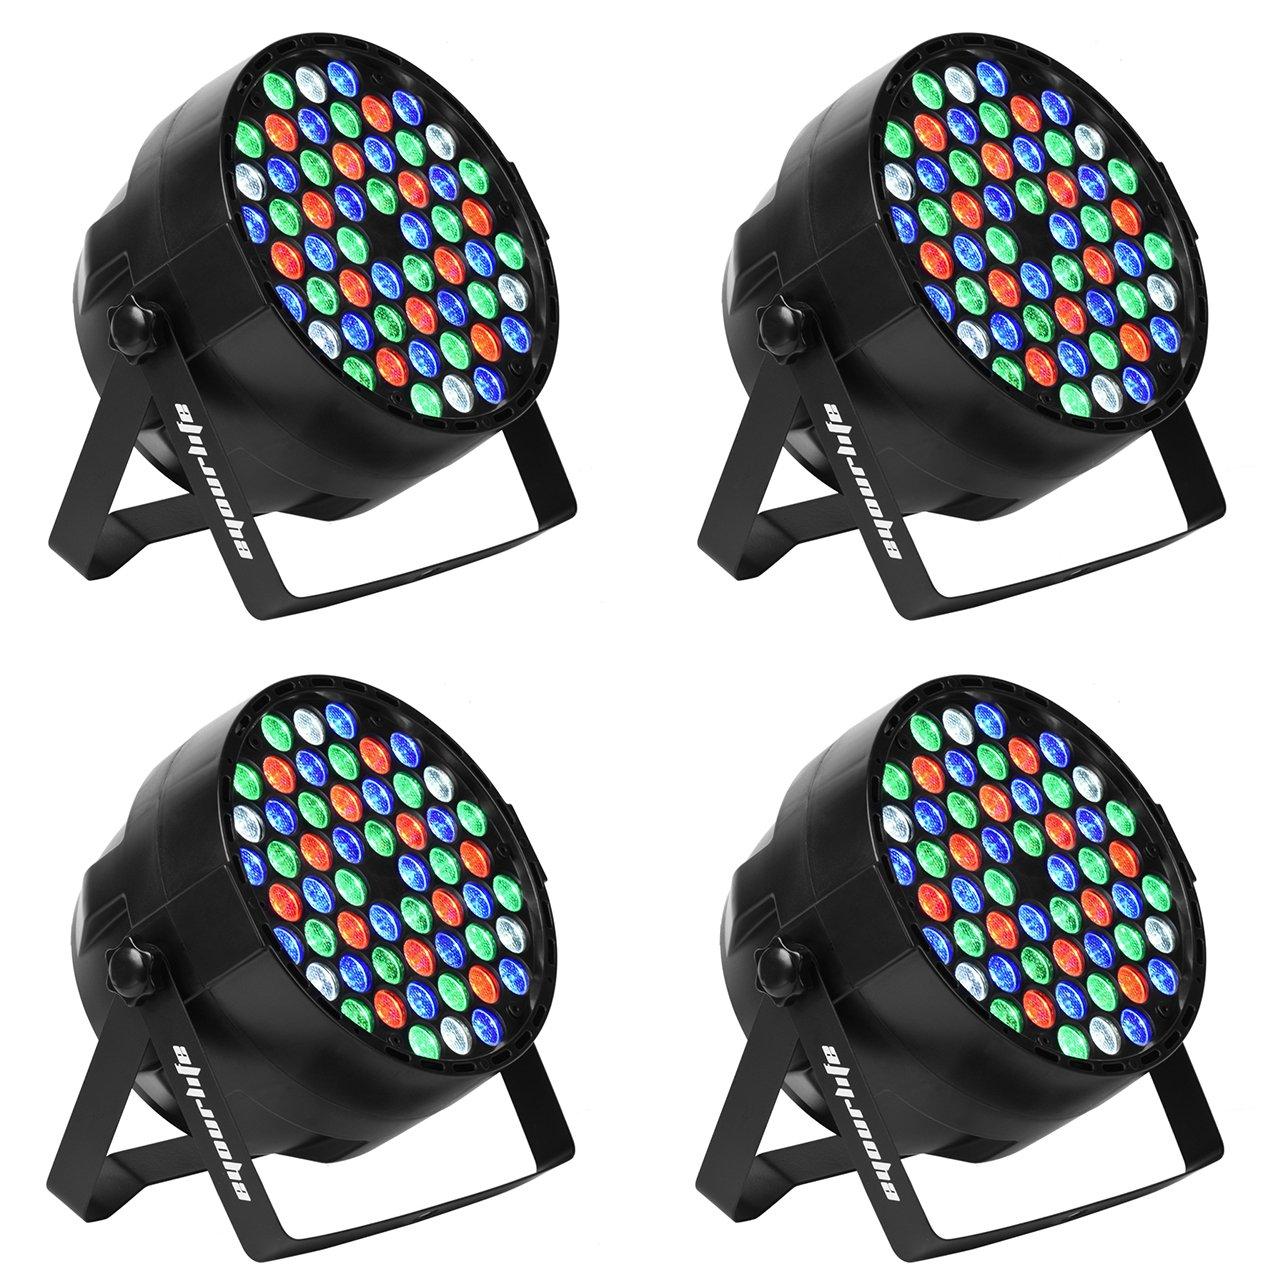 LED Par, Eyourlife LED Partylicht Bü hnenbeleuchtung Discolicht Par LED 60W Lichteffekt DMX512 RGBW Stage Light 54 LEDs (4 Stü ck) YMEU_PL54x3w_4Pc